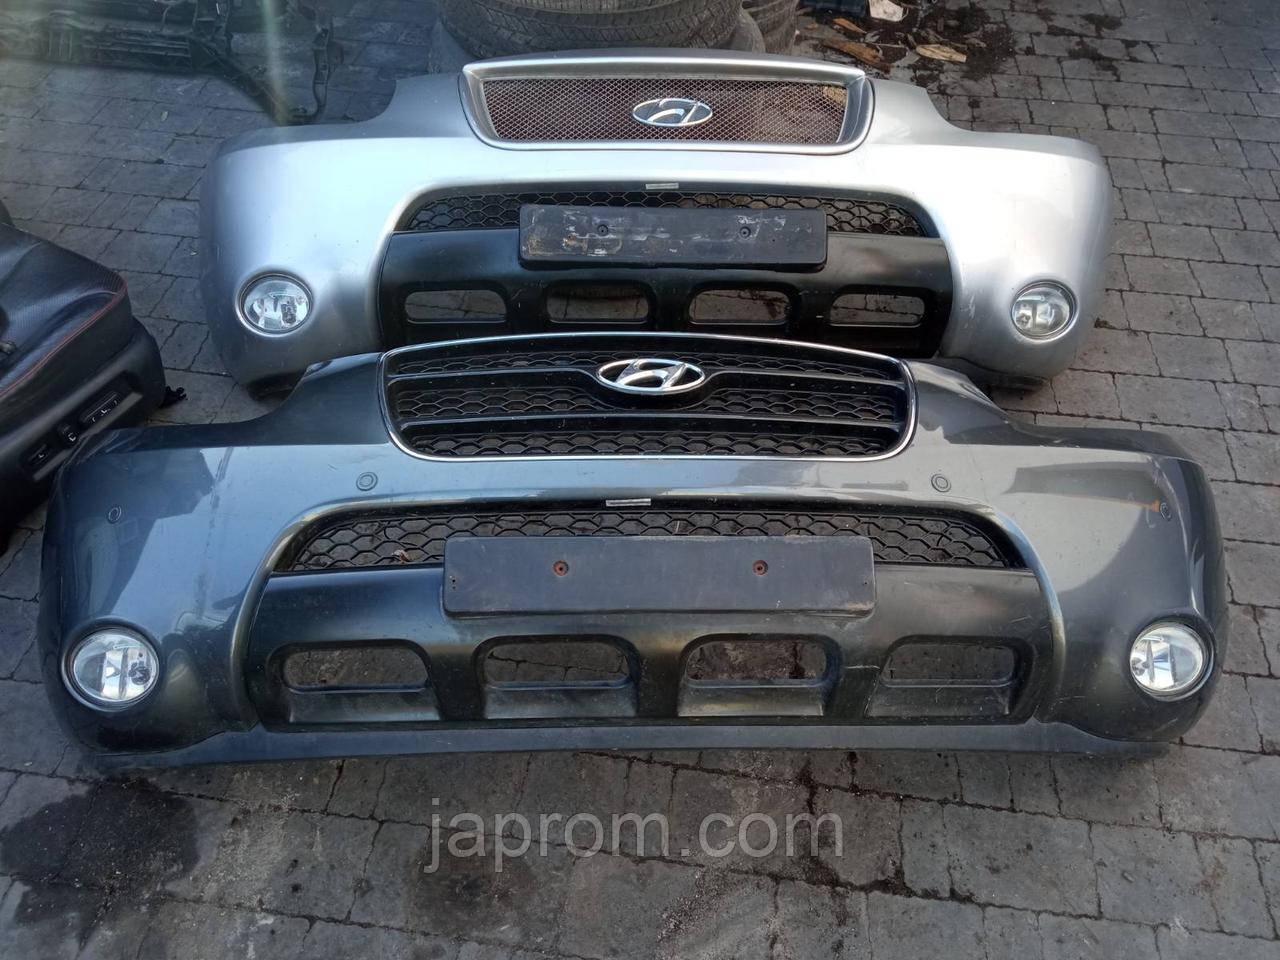 Бампер передний Hyundai Santa Fe II 2006-2010г.в.X2  под покраску